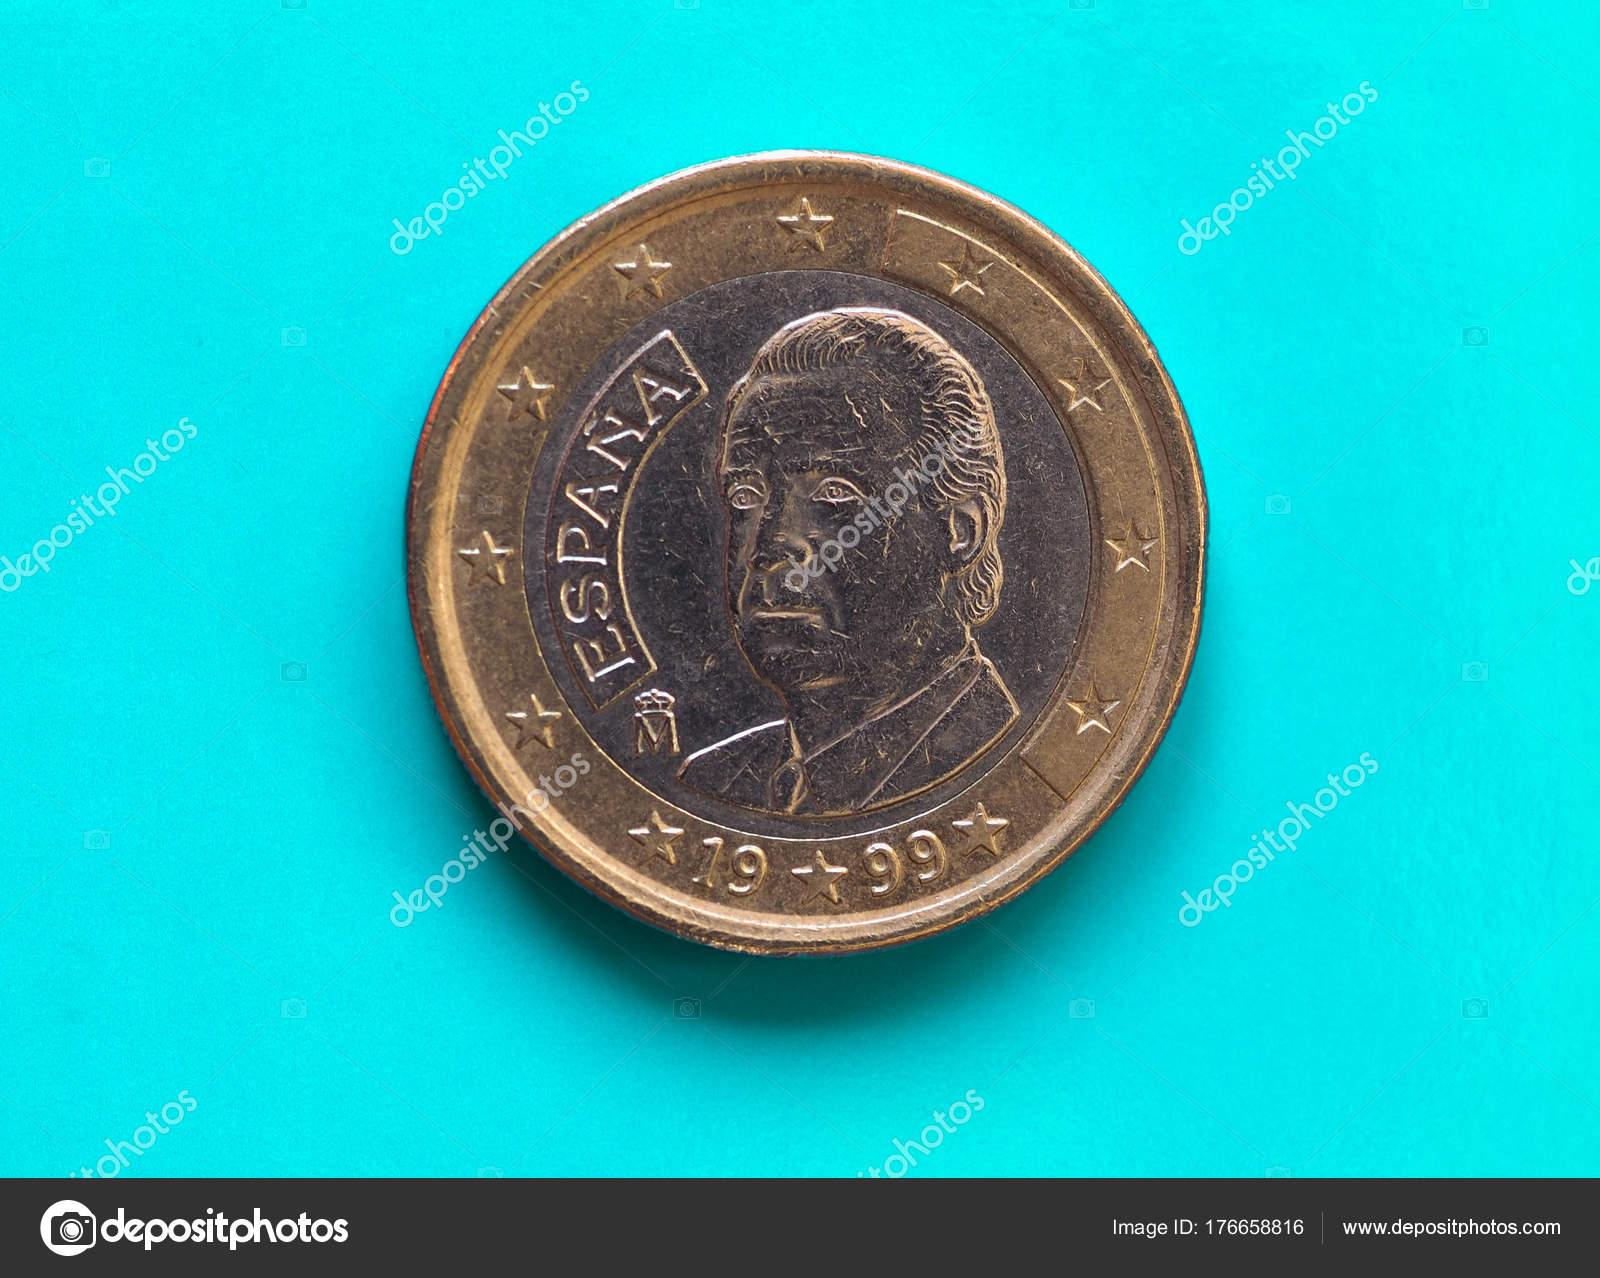 1 Euro Münze Europäische Union Spanien über Grün Blau Stockfoto